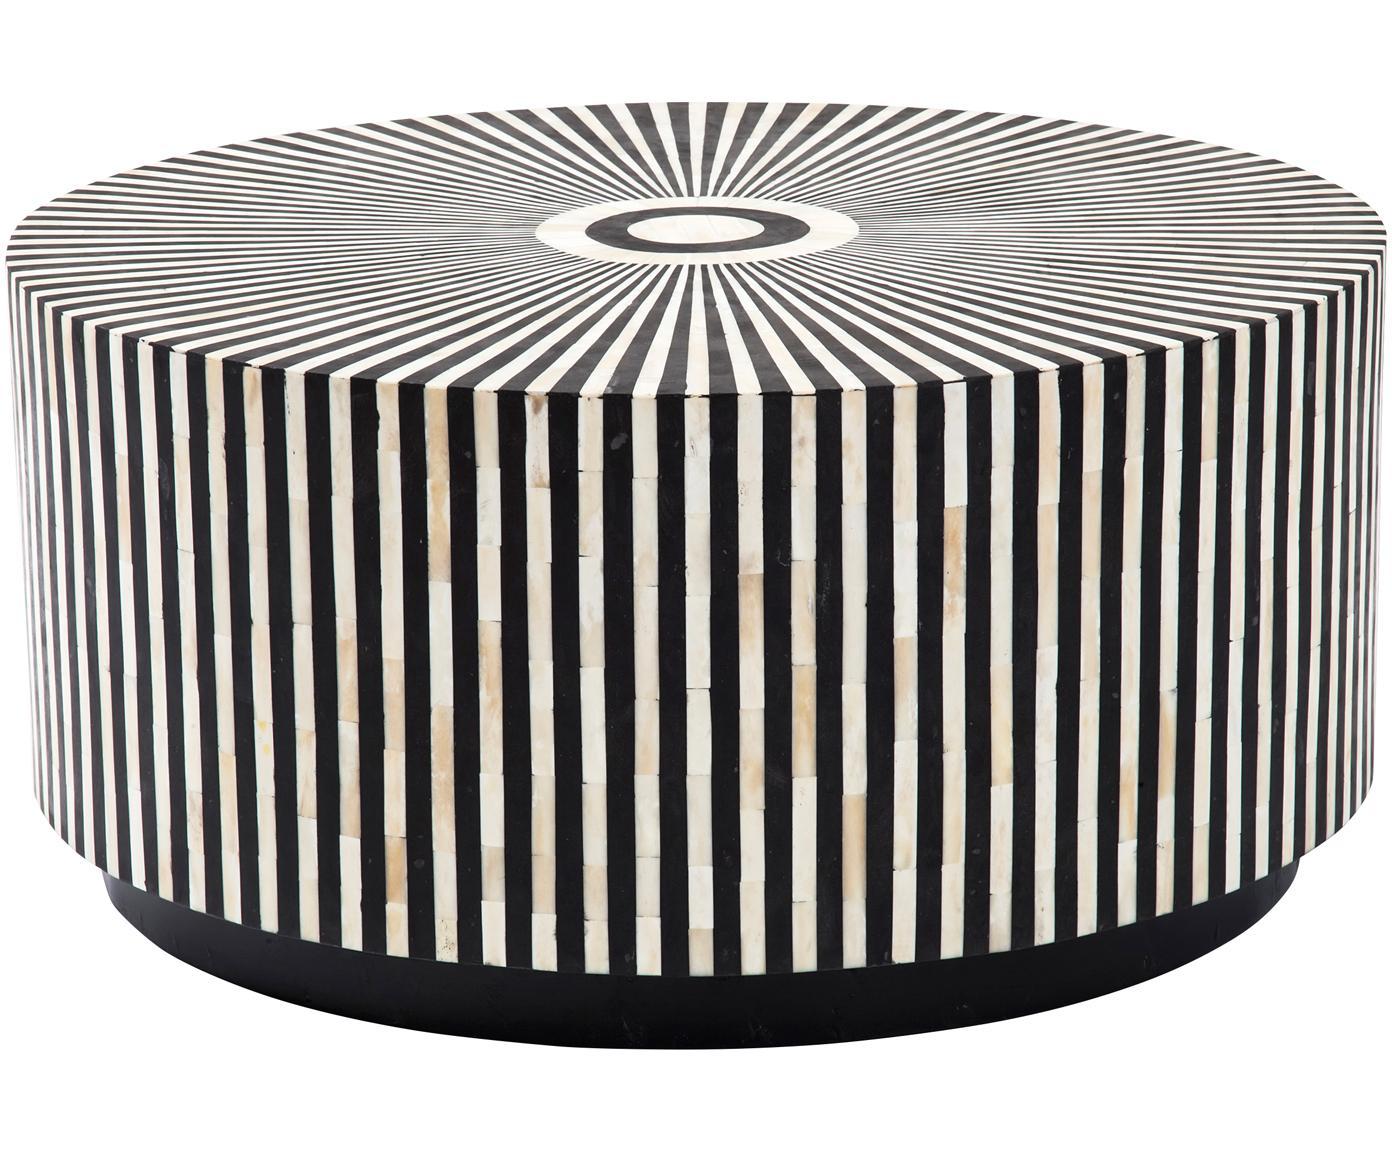 Stolik kawowy Electra, Korpus: drewniana płyta pilśniowa, Czarny, biały, Ø 75 x W 35 cm